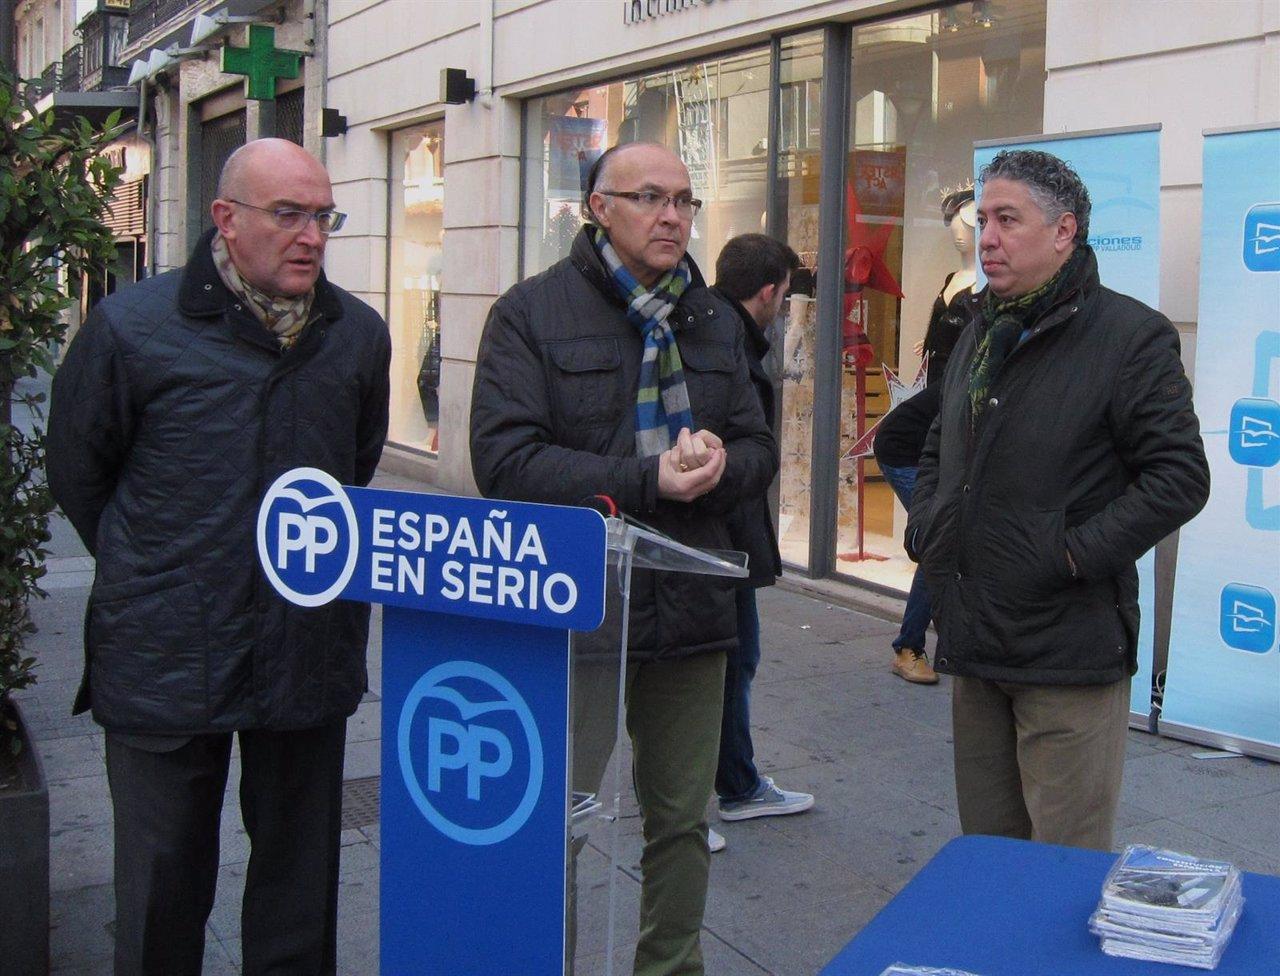 Jesus Julio Carnero, Ramiro Ruiz Medrano y Tomás Burgos en el acto de NNGG